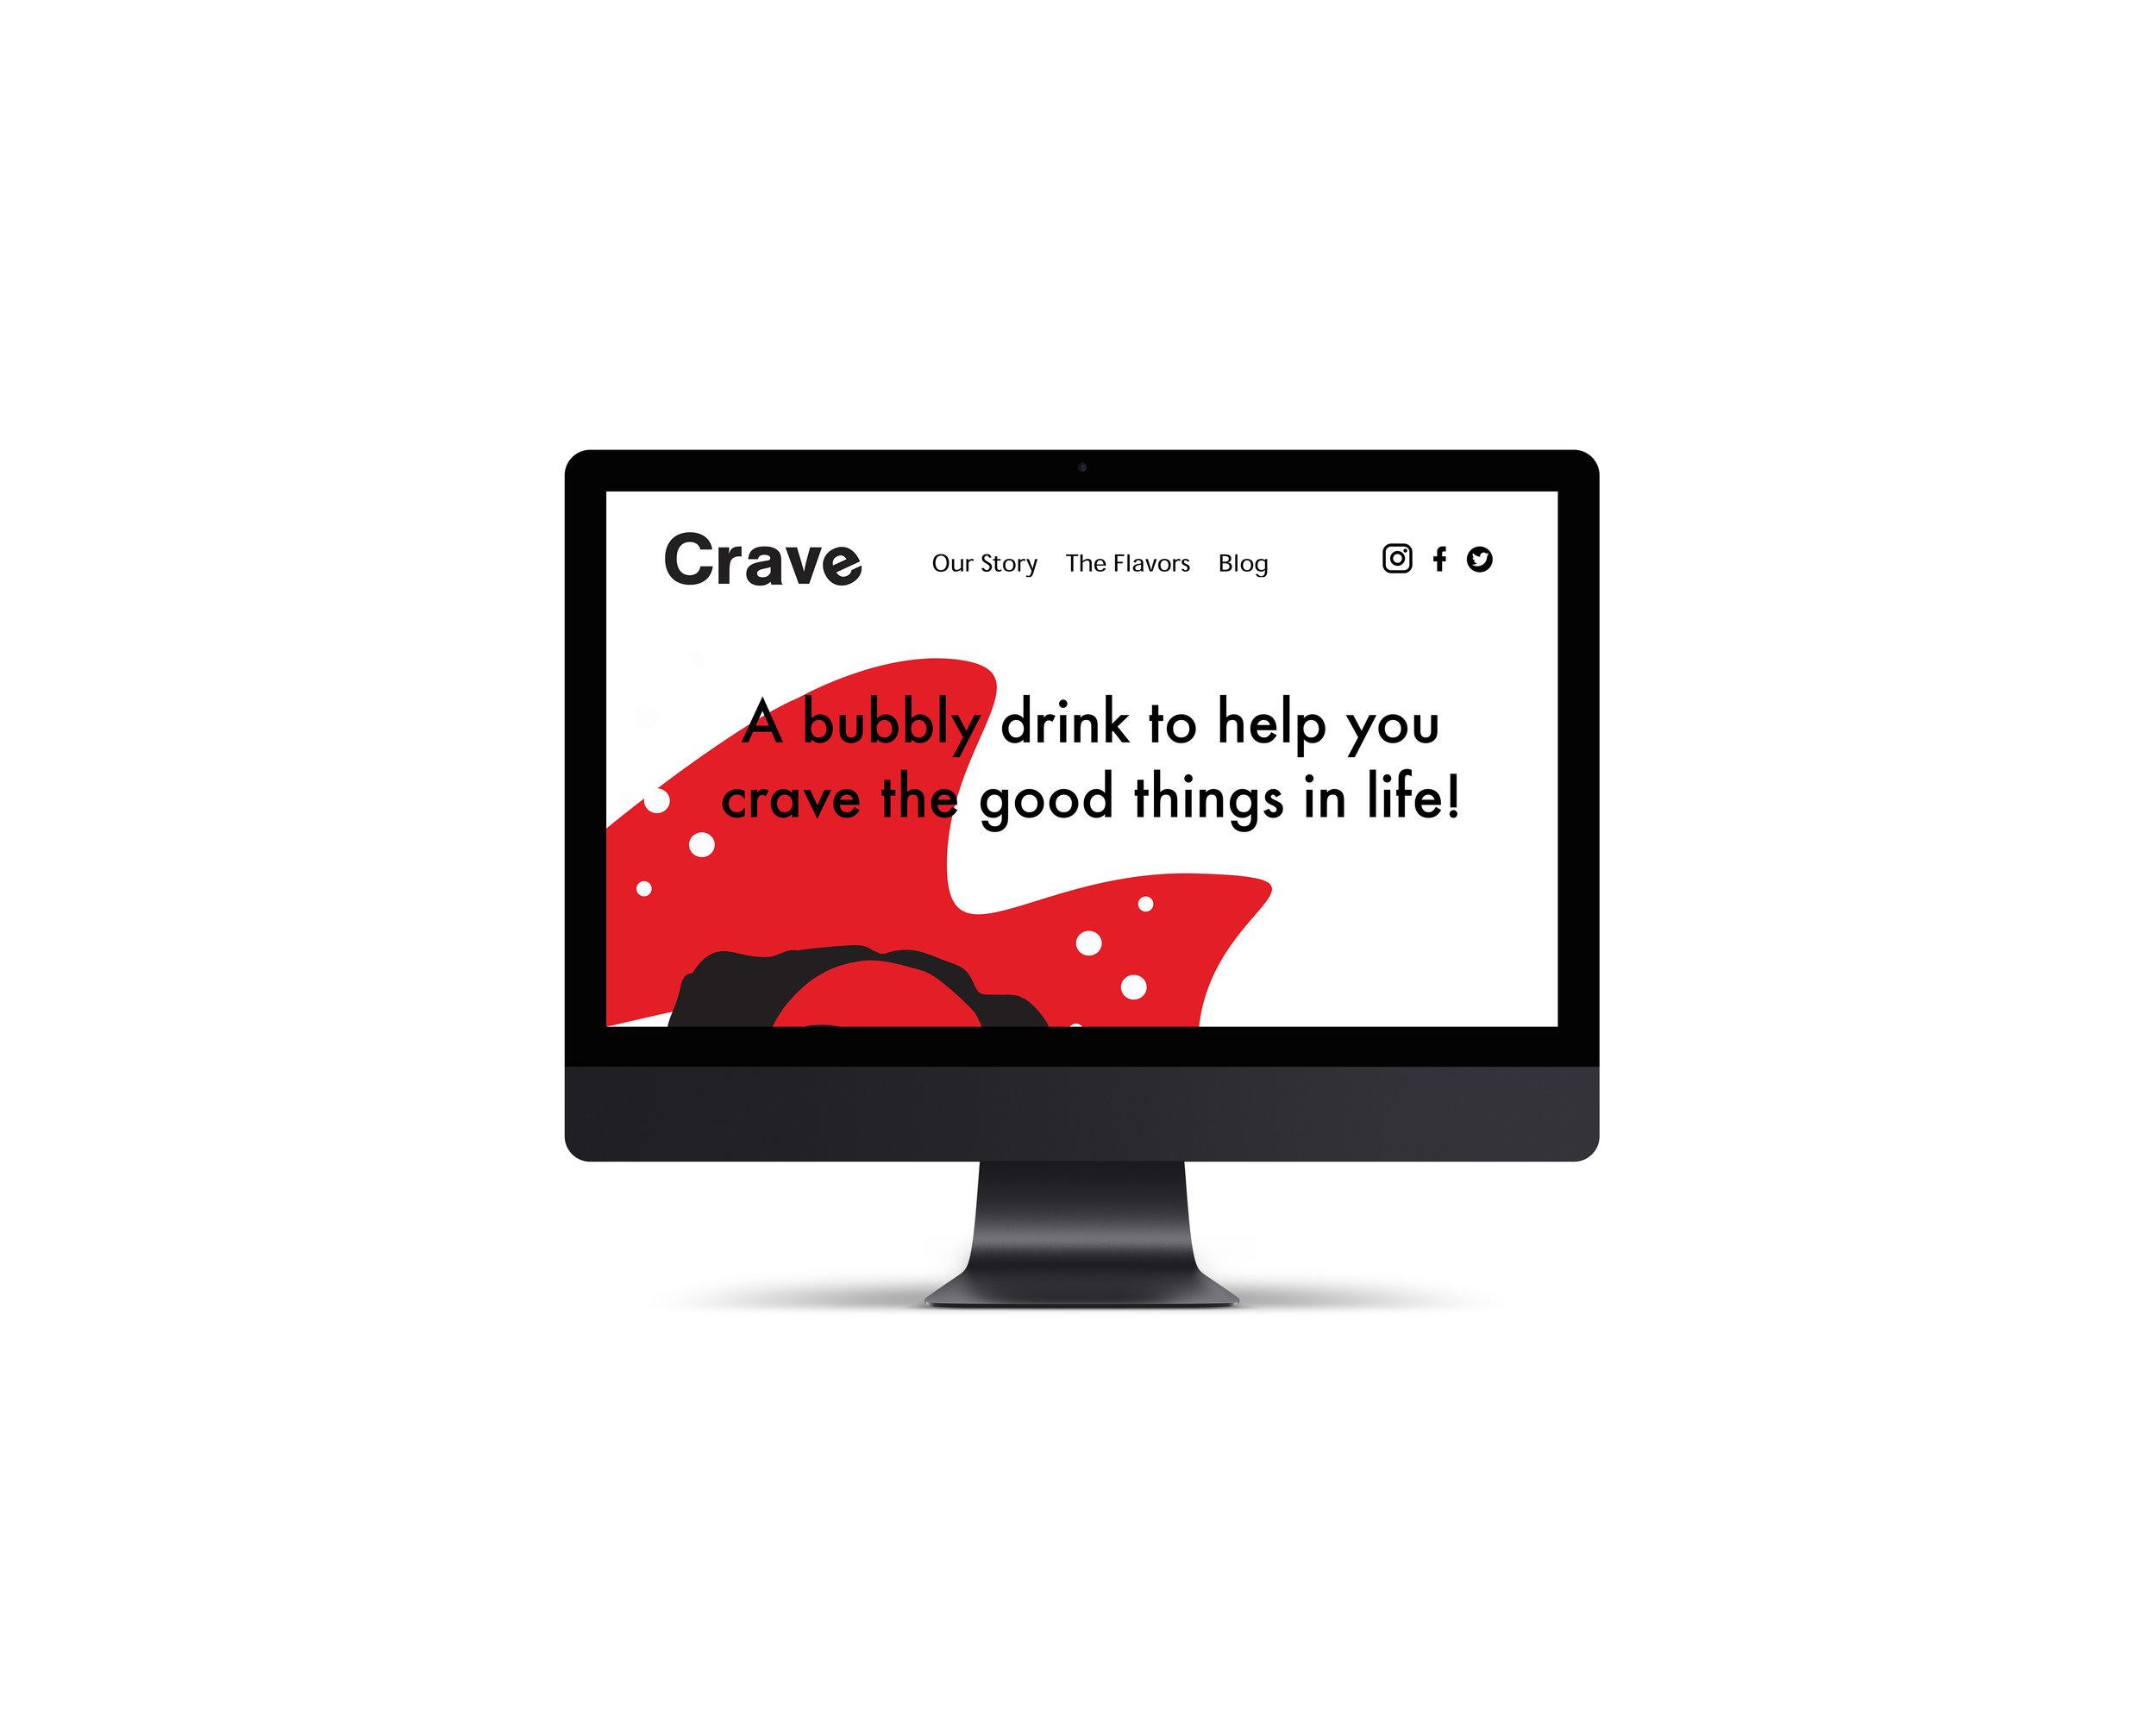 cravedesktop.jpg